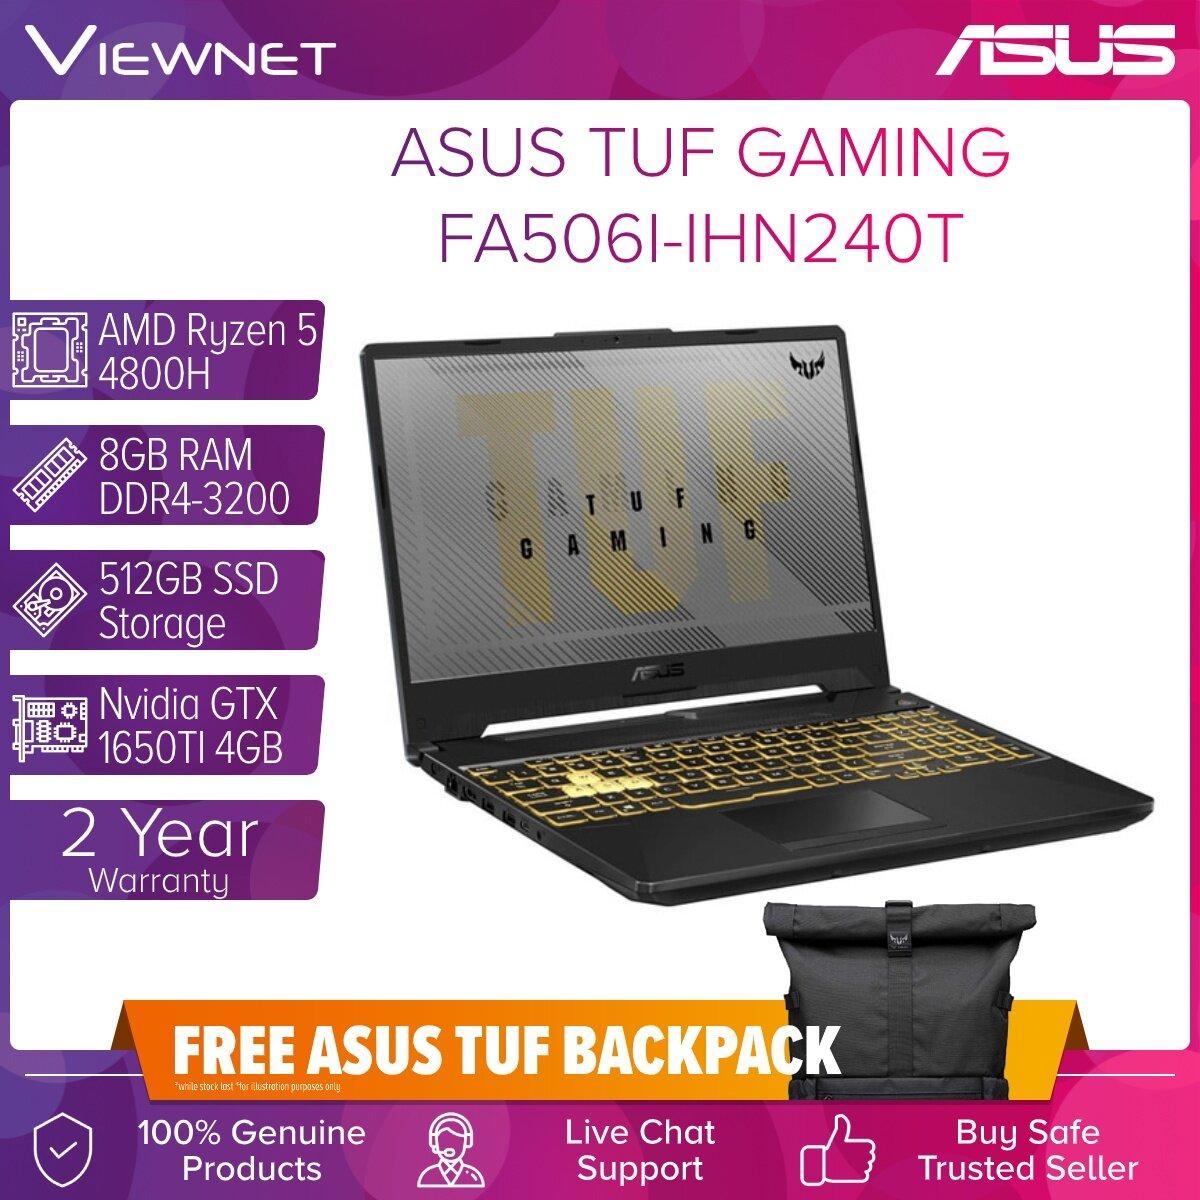 ASUS TUF GAMING LAPTOP FA506I-IHN240T RYZEN R5-46000H/8GB DDR4/512GB SSD/GTX1650 4GB/W10/15.6